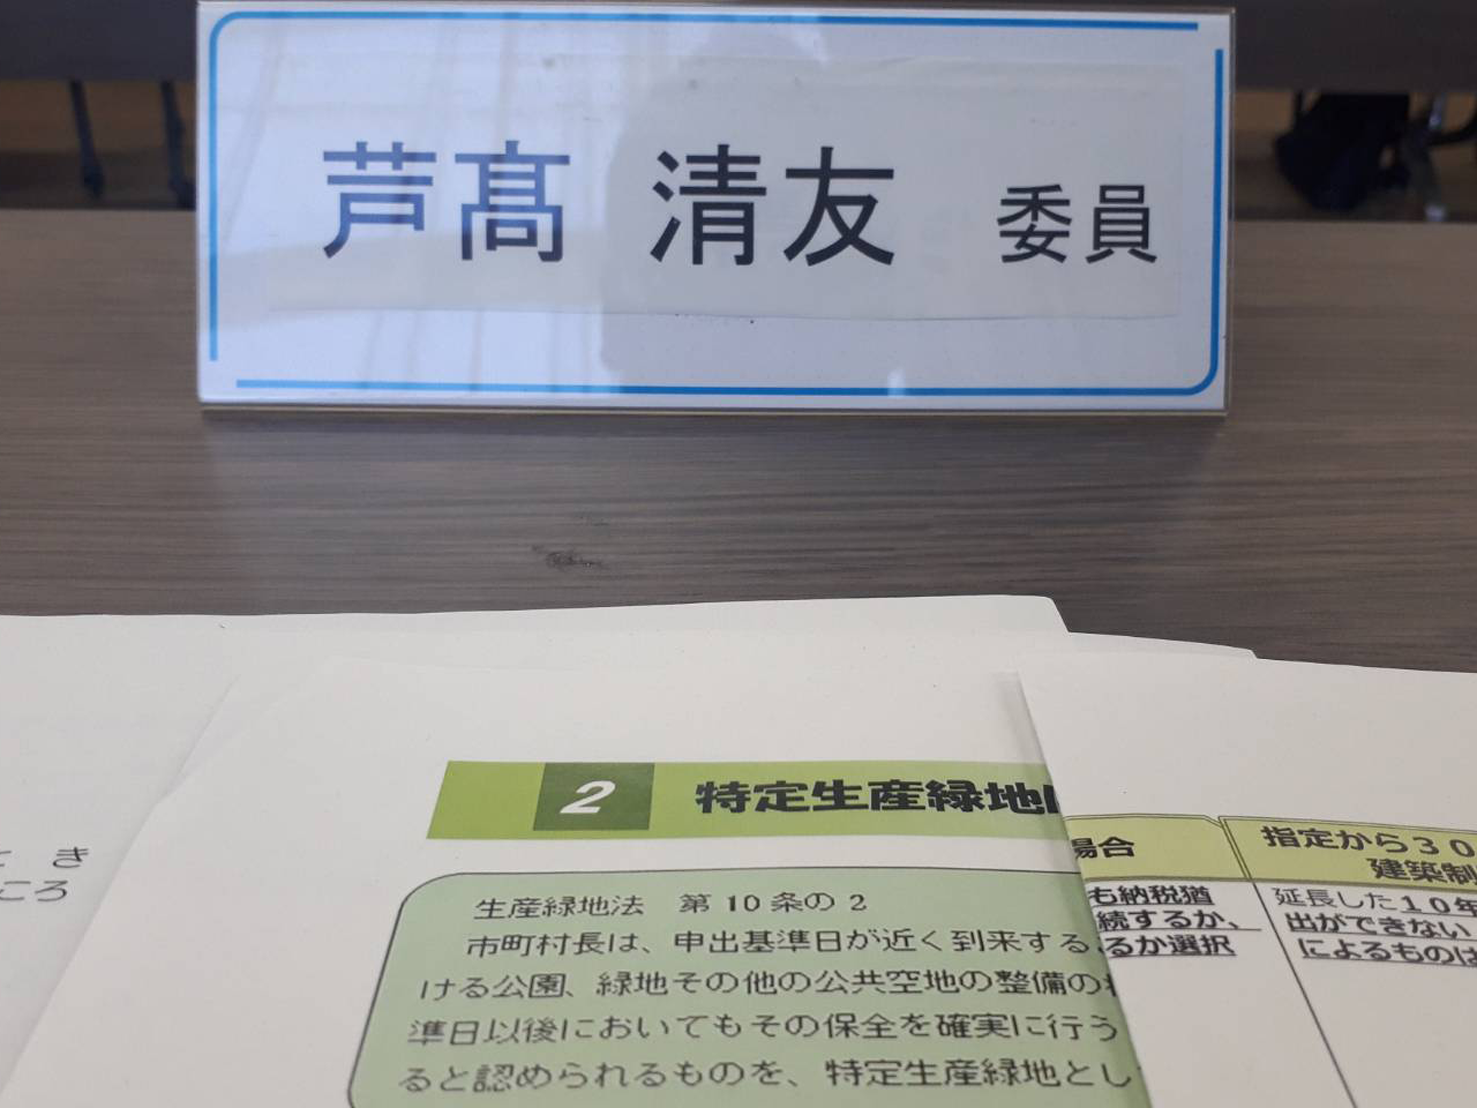 20第124回香芝市都市計画審議会@香芝市役所